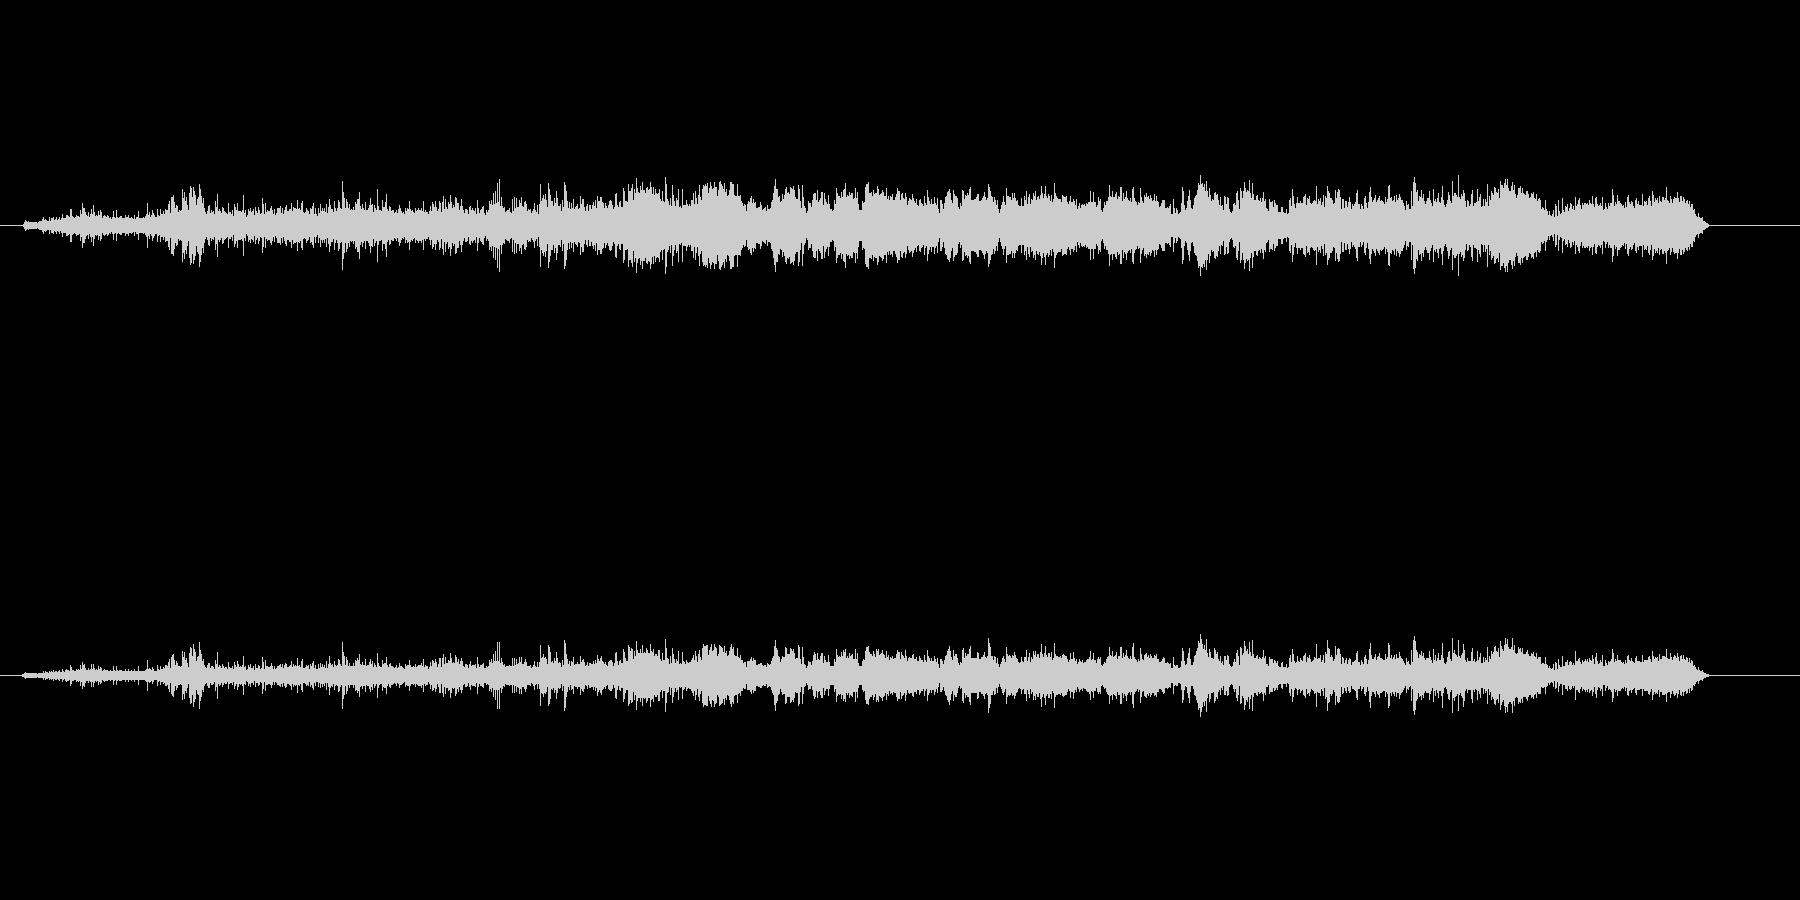 ドラッグスター車の騒音モーター出力の未再生の波形